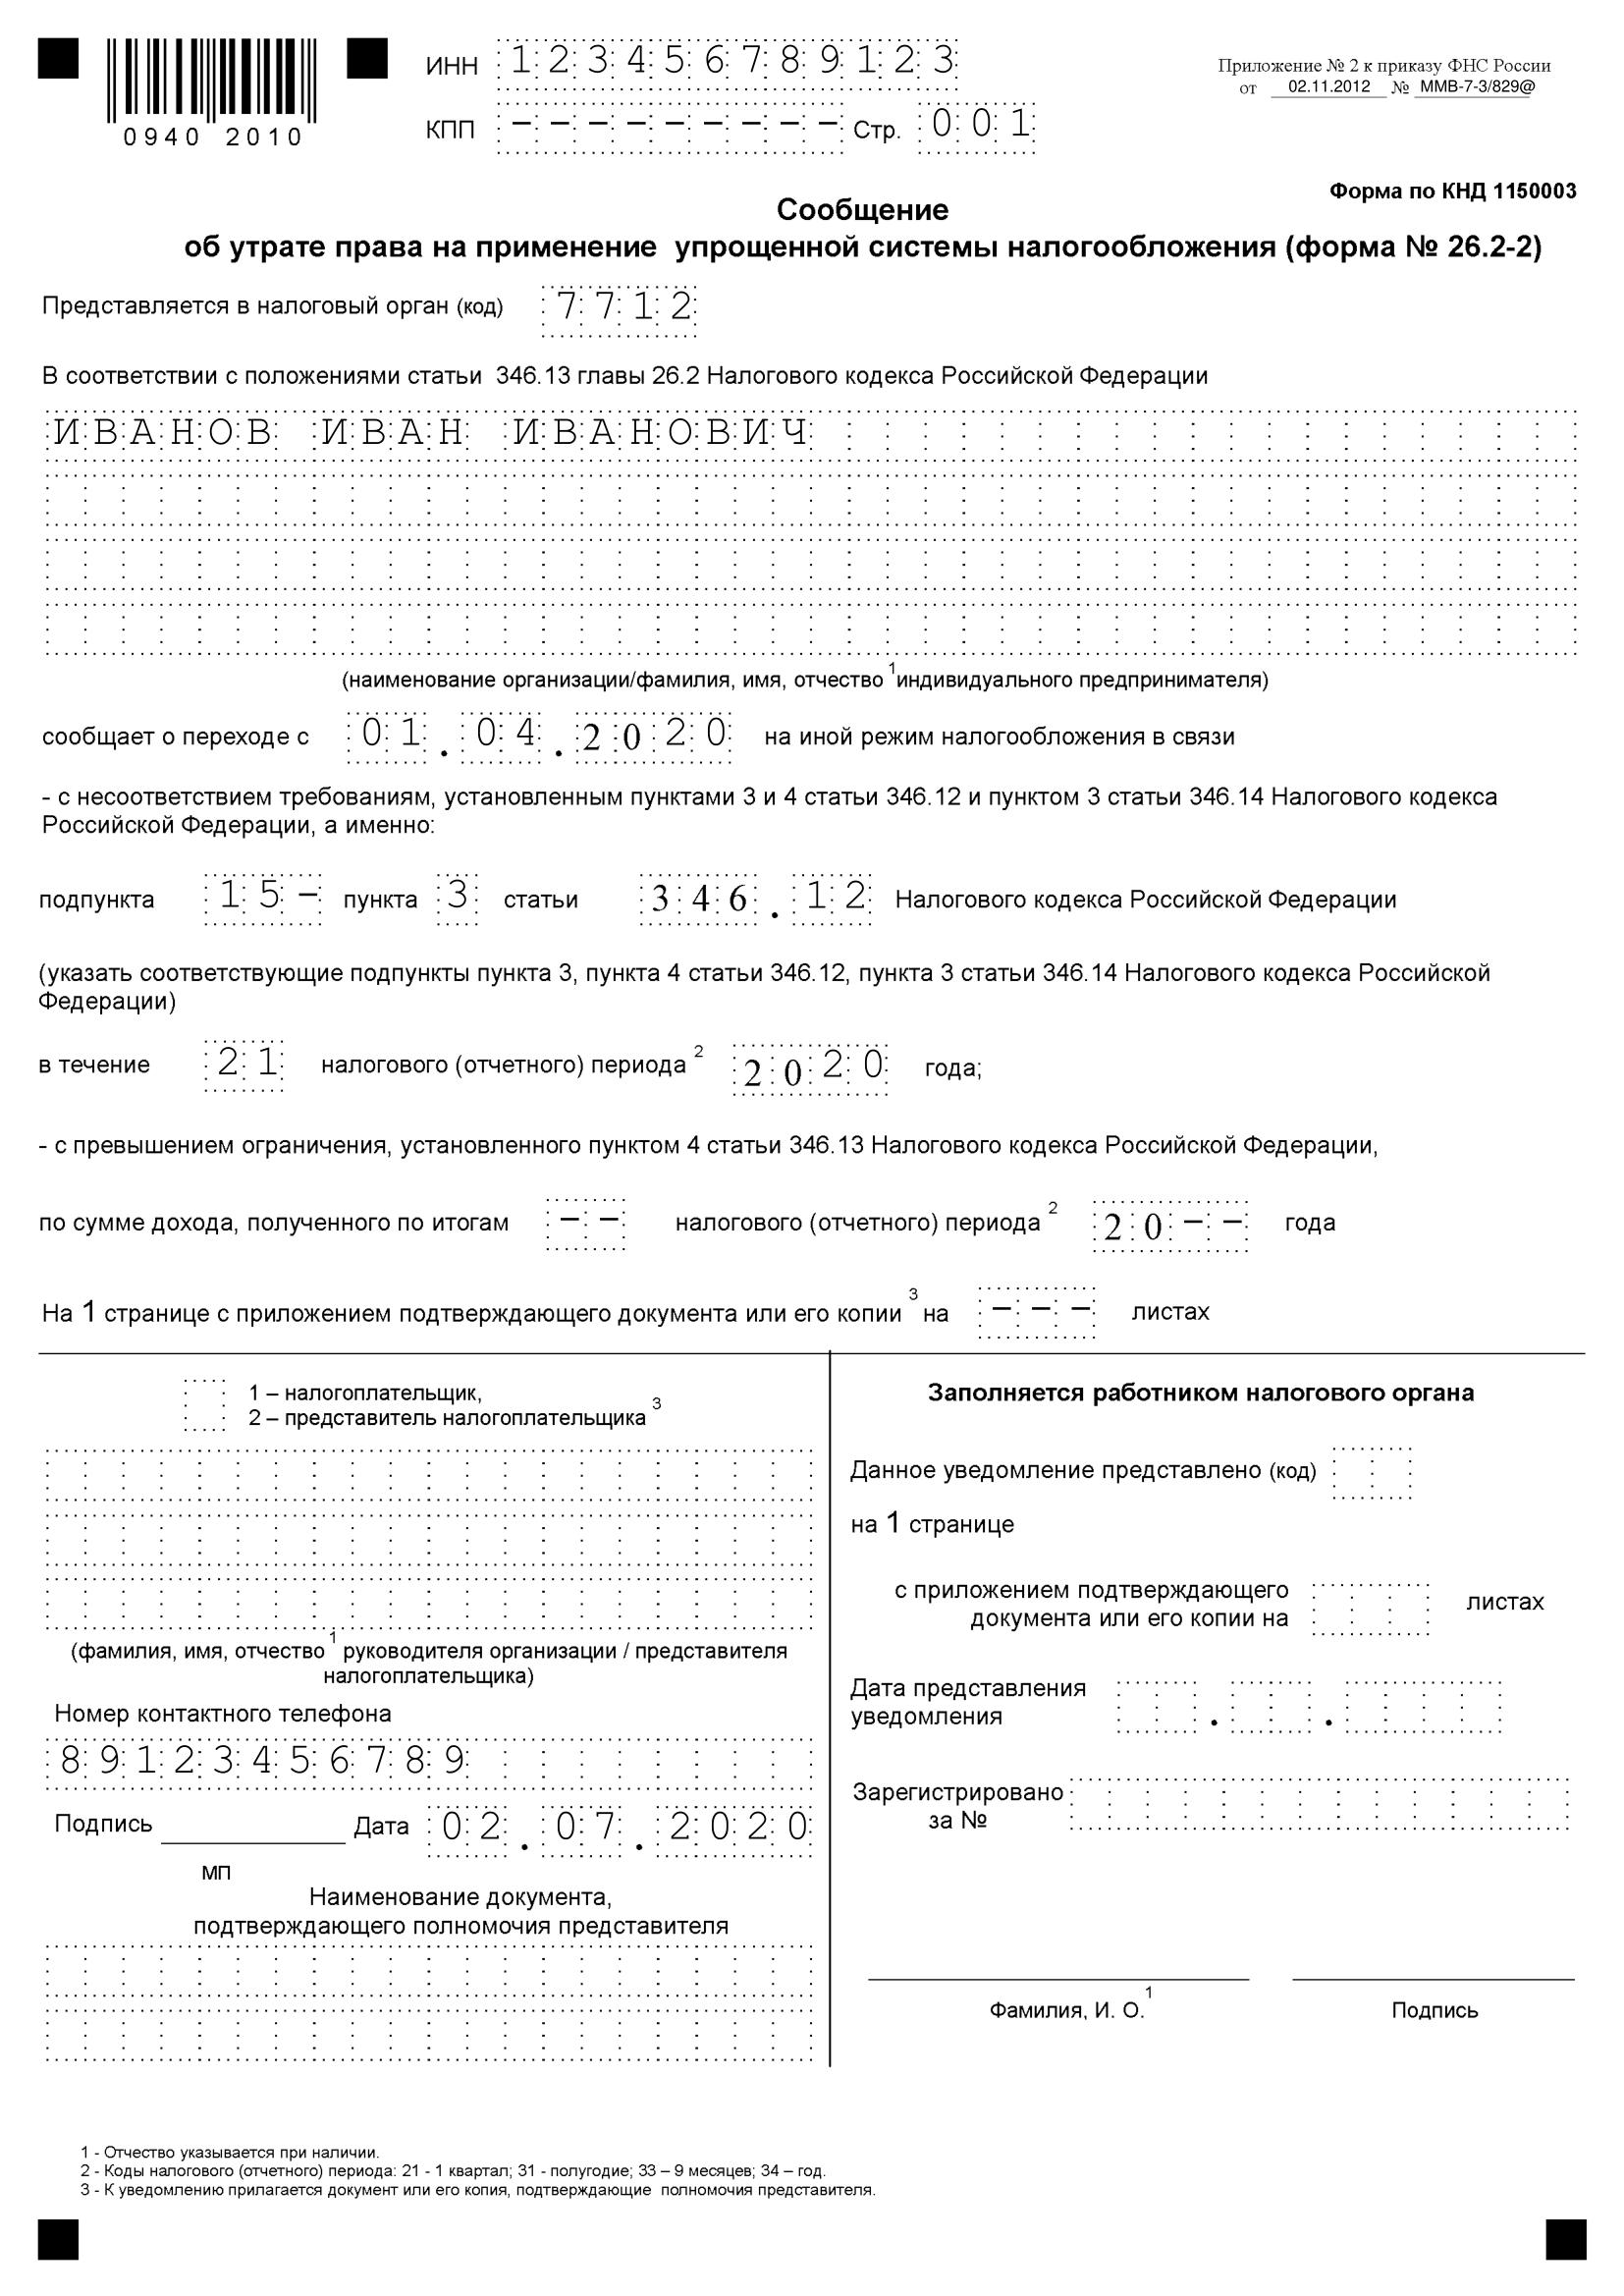 Образец заполненного сообщения дляИП приавтоматическом переходе на ОСНО